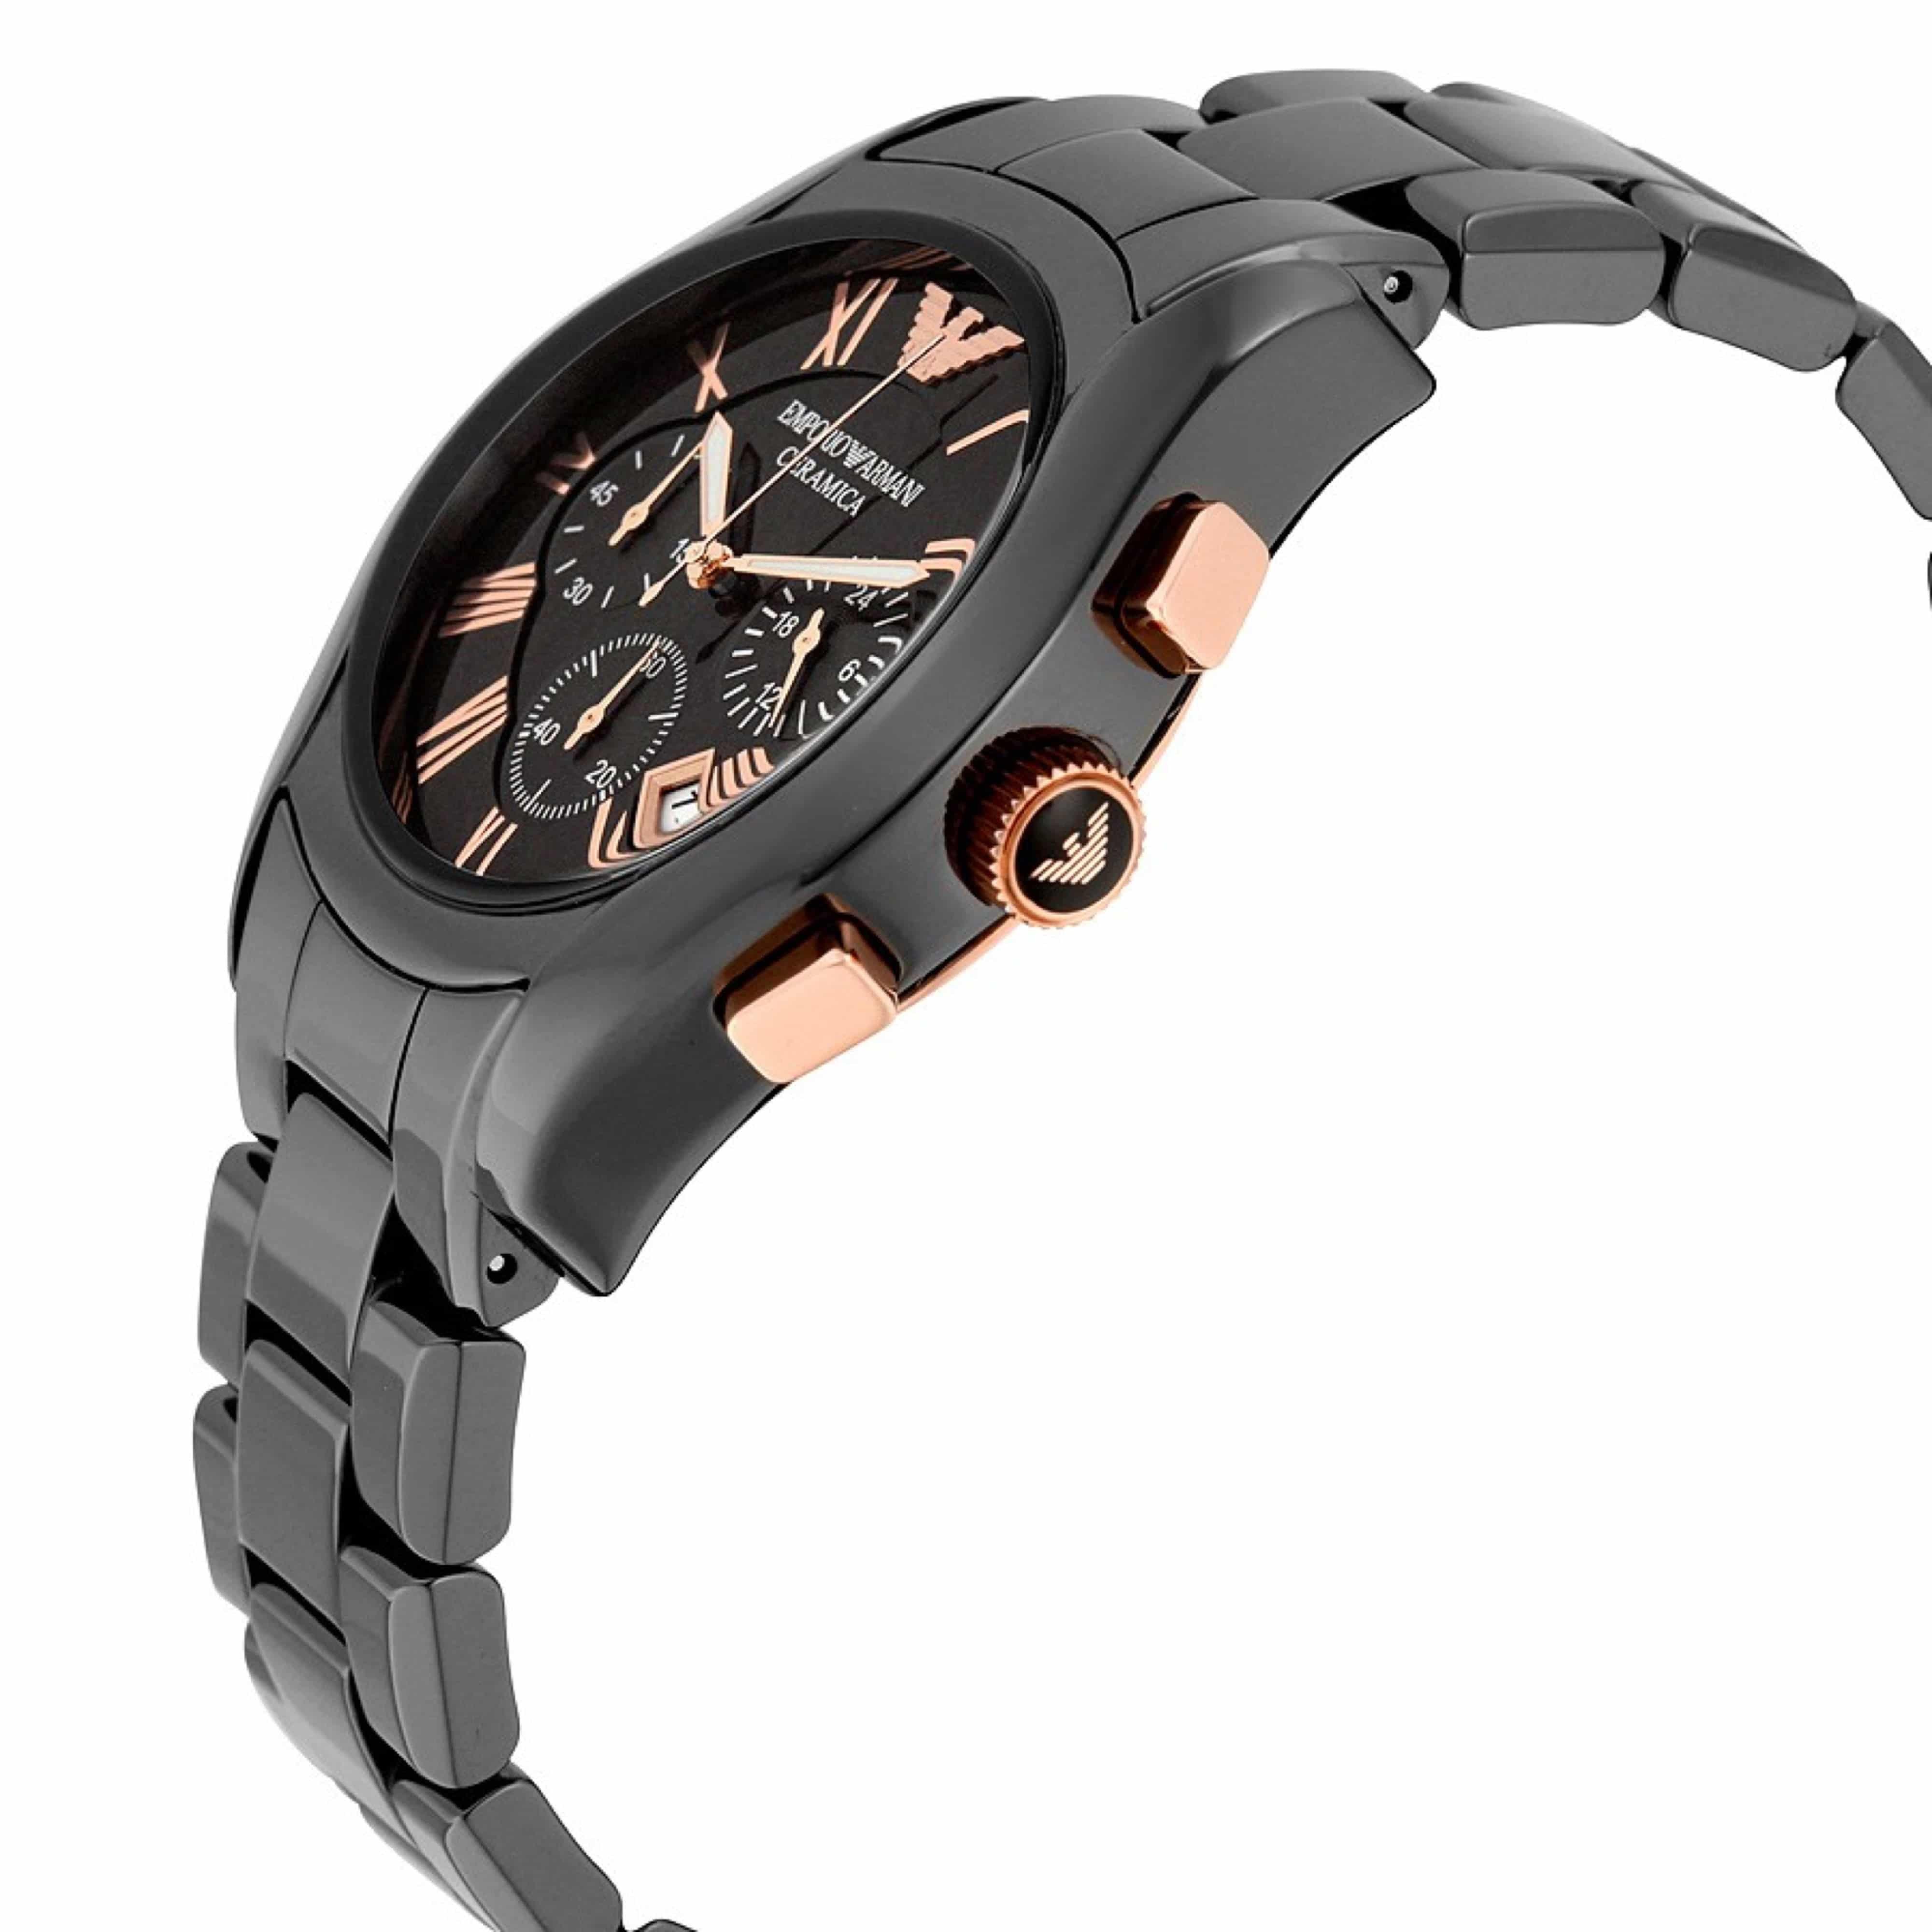 שעון אמפוריו ארמני לגבר Ar1410